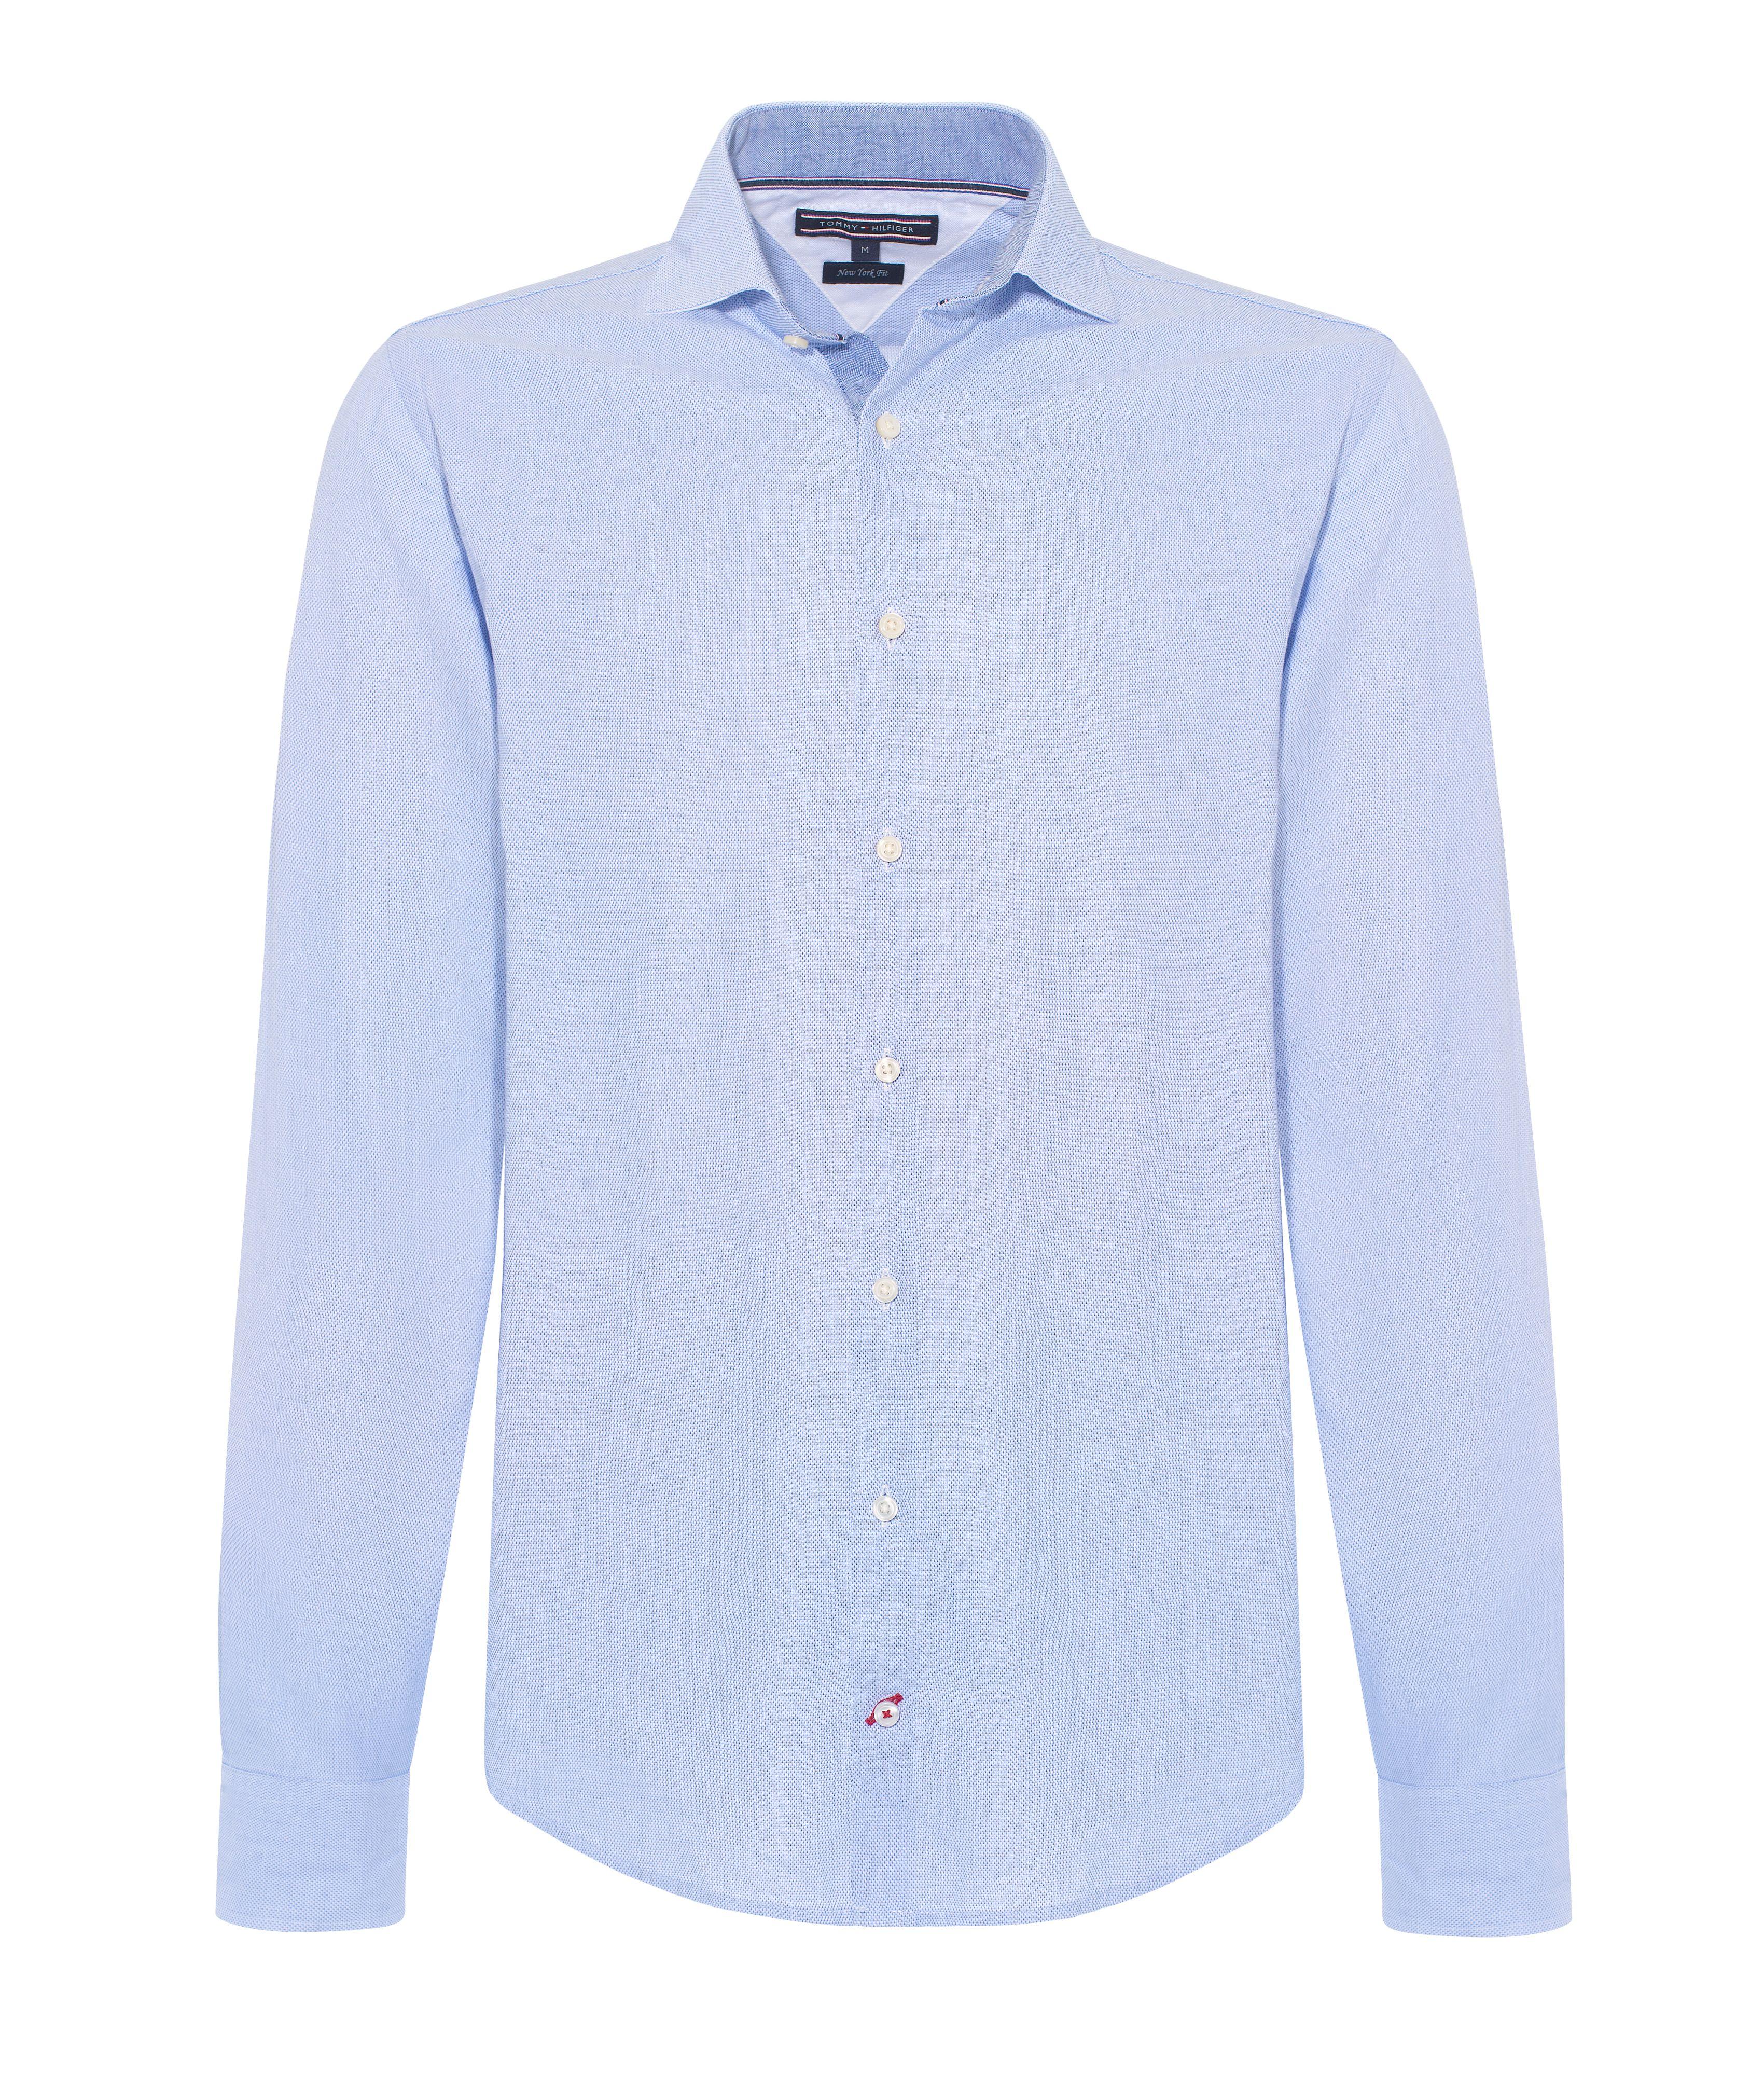 Mens designer shirts burberry mens burberry plain dress for Tommy hilfiger vintage fit shirt